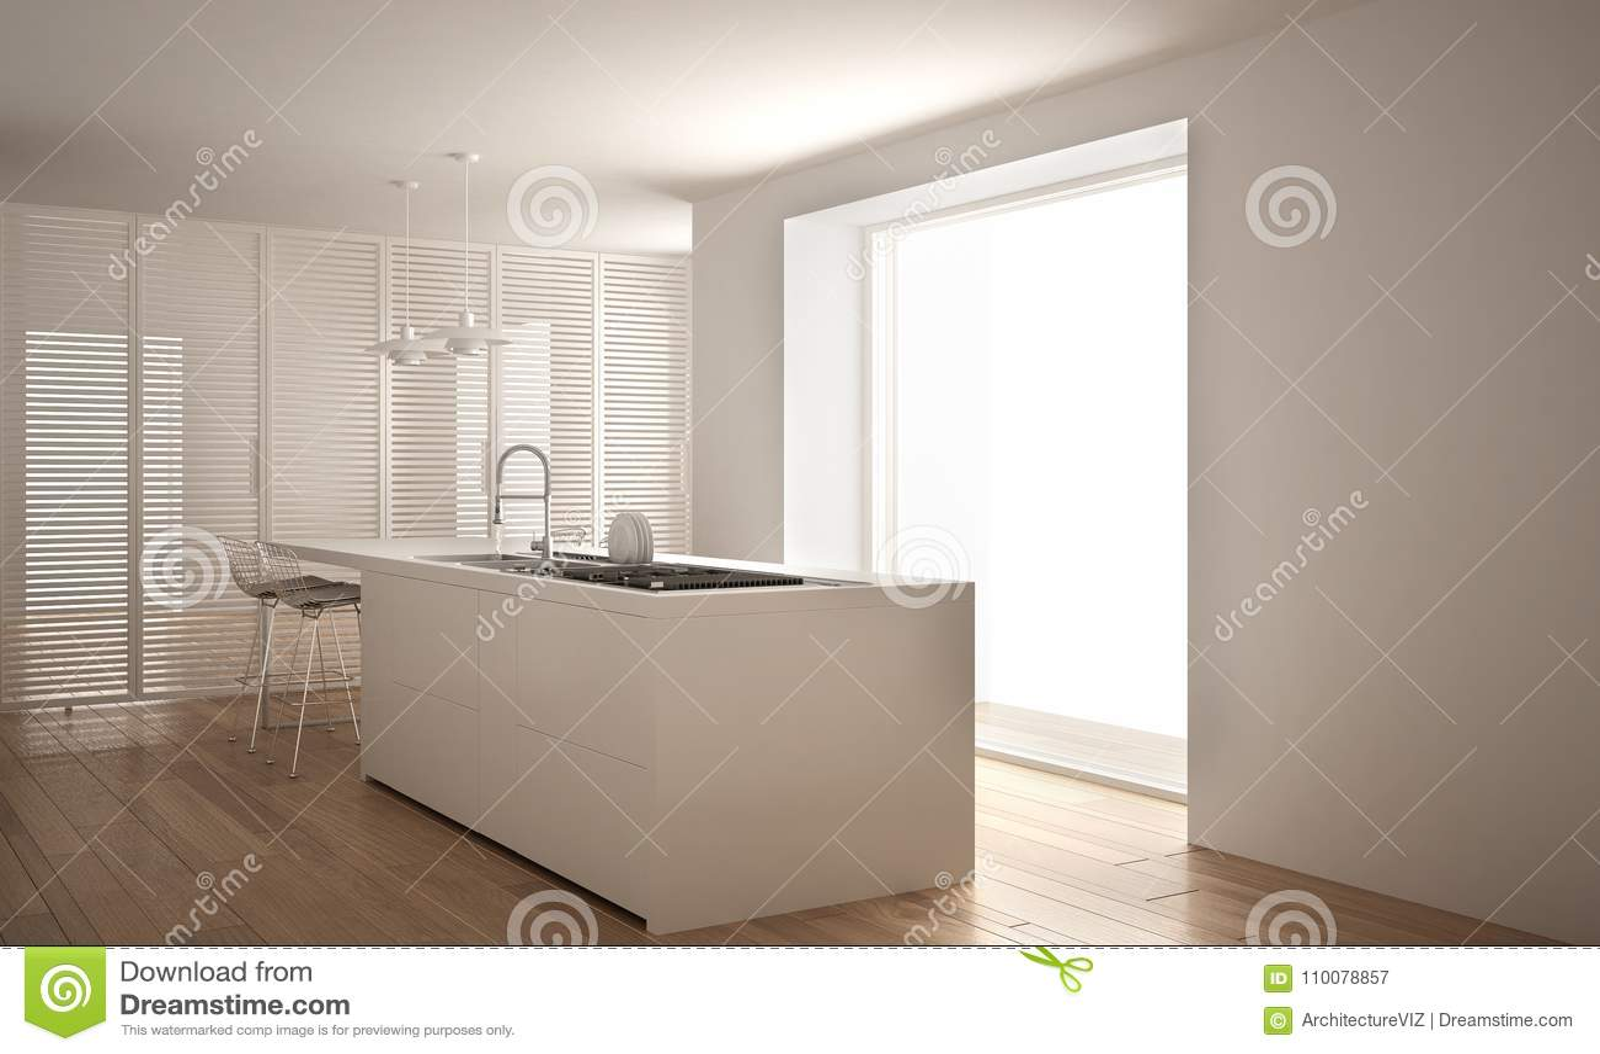 Cucina bianca moderna con l 39 isola e la grande finestra - Cucina bianca moderna con isola ...